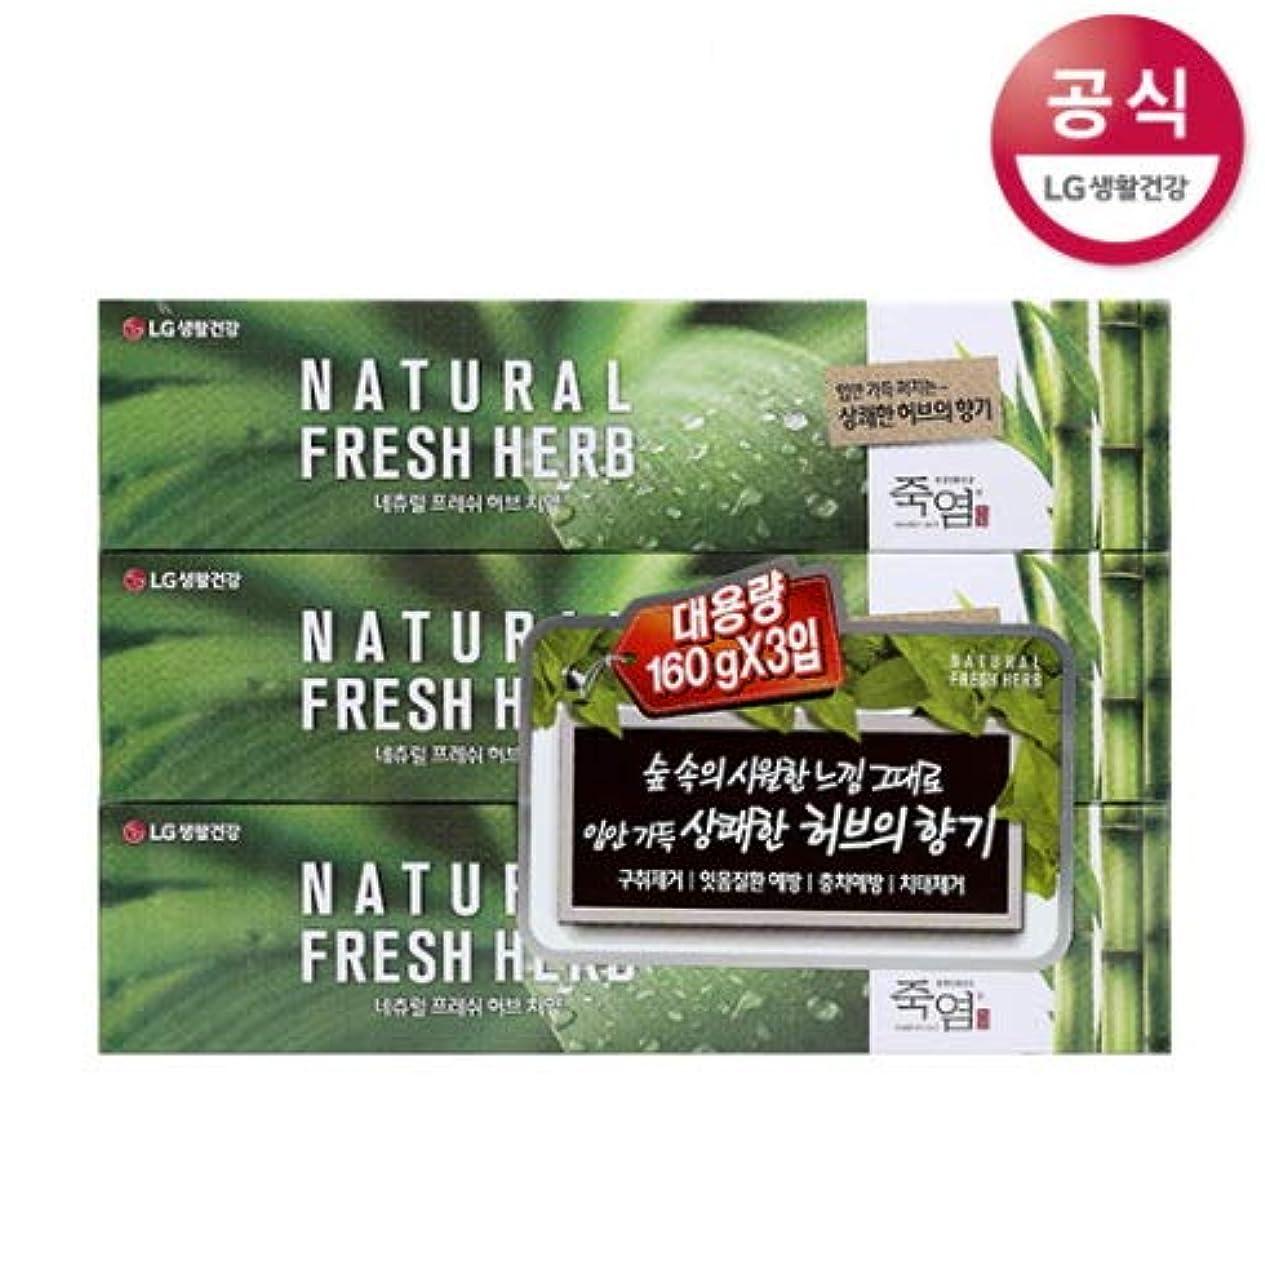 国籍イヤホンシュガー[LG HnB] Bamboo Salt Natural Fresh Herbal Toothpaste/竹塩ナチュラルフレッシュハーブ歯磨き粉 160gx3個(海外直送品)